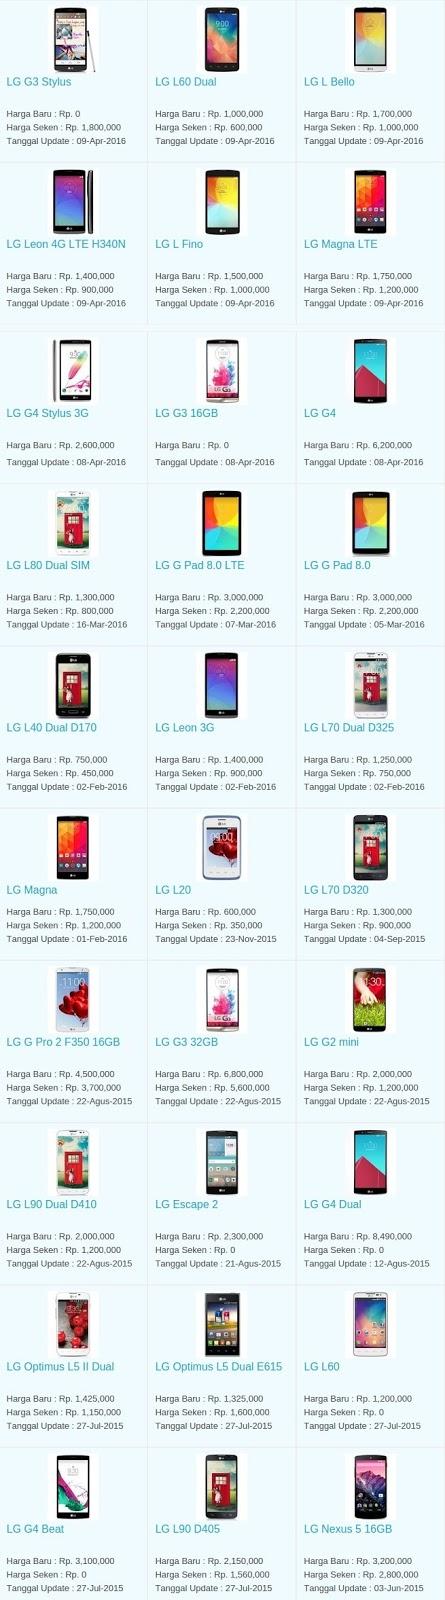 Daftar Harga Hp Terbaru LG Mei 2016